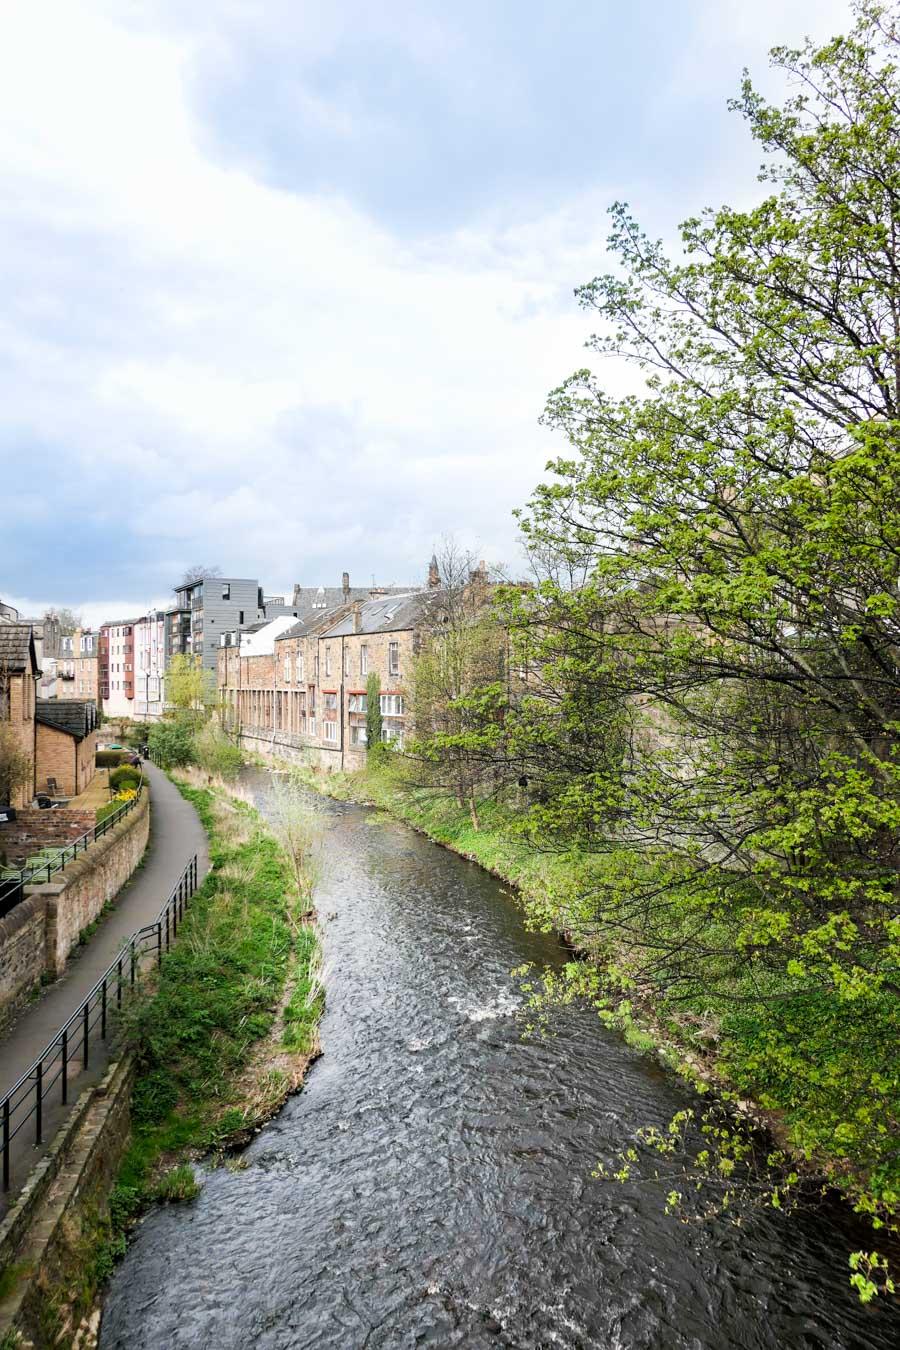 Stockbridge Edinburgh Restaurants Travel Guide